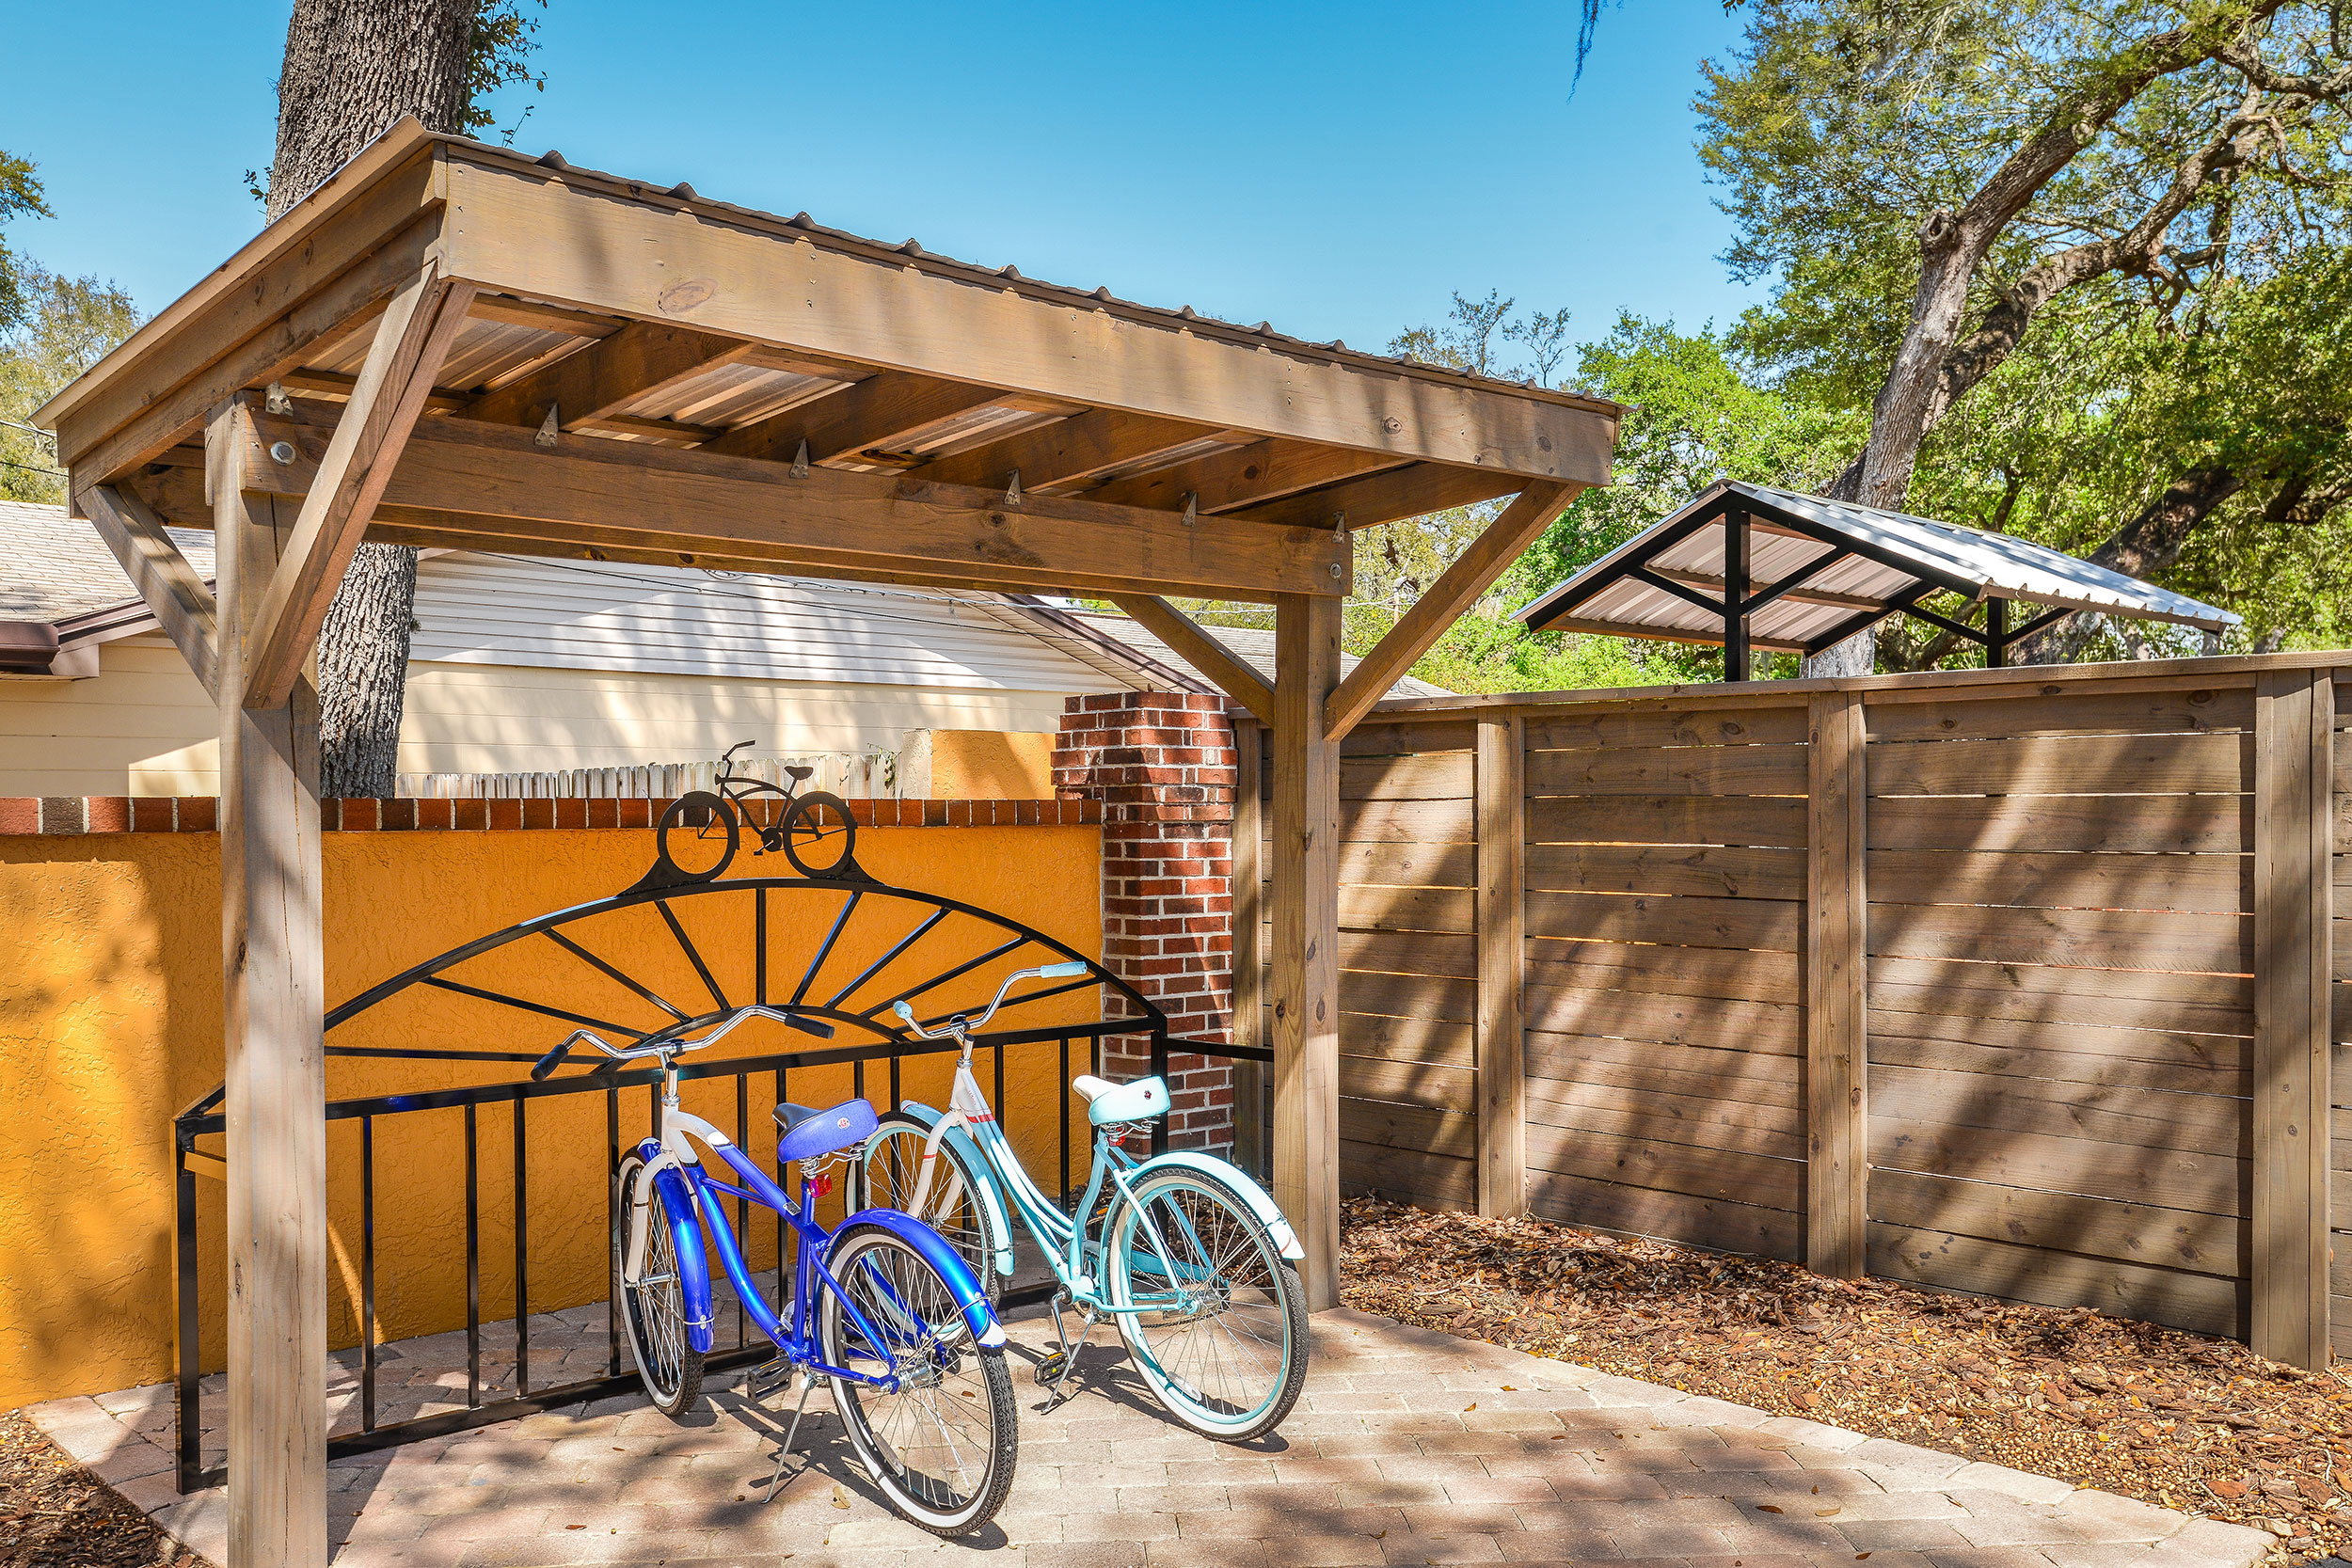 Harp-amen-bike-rack